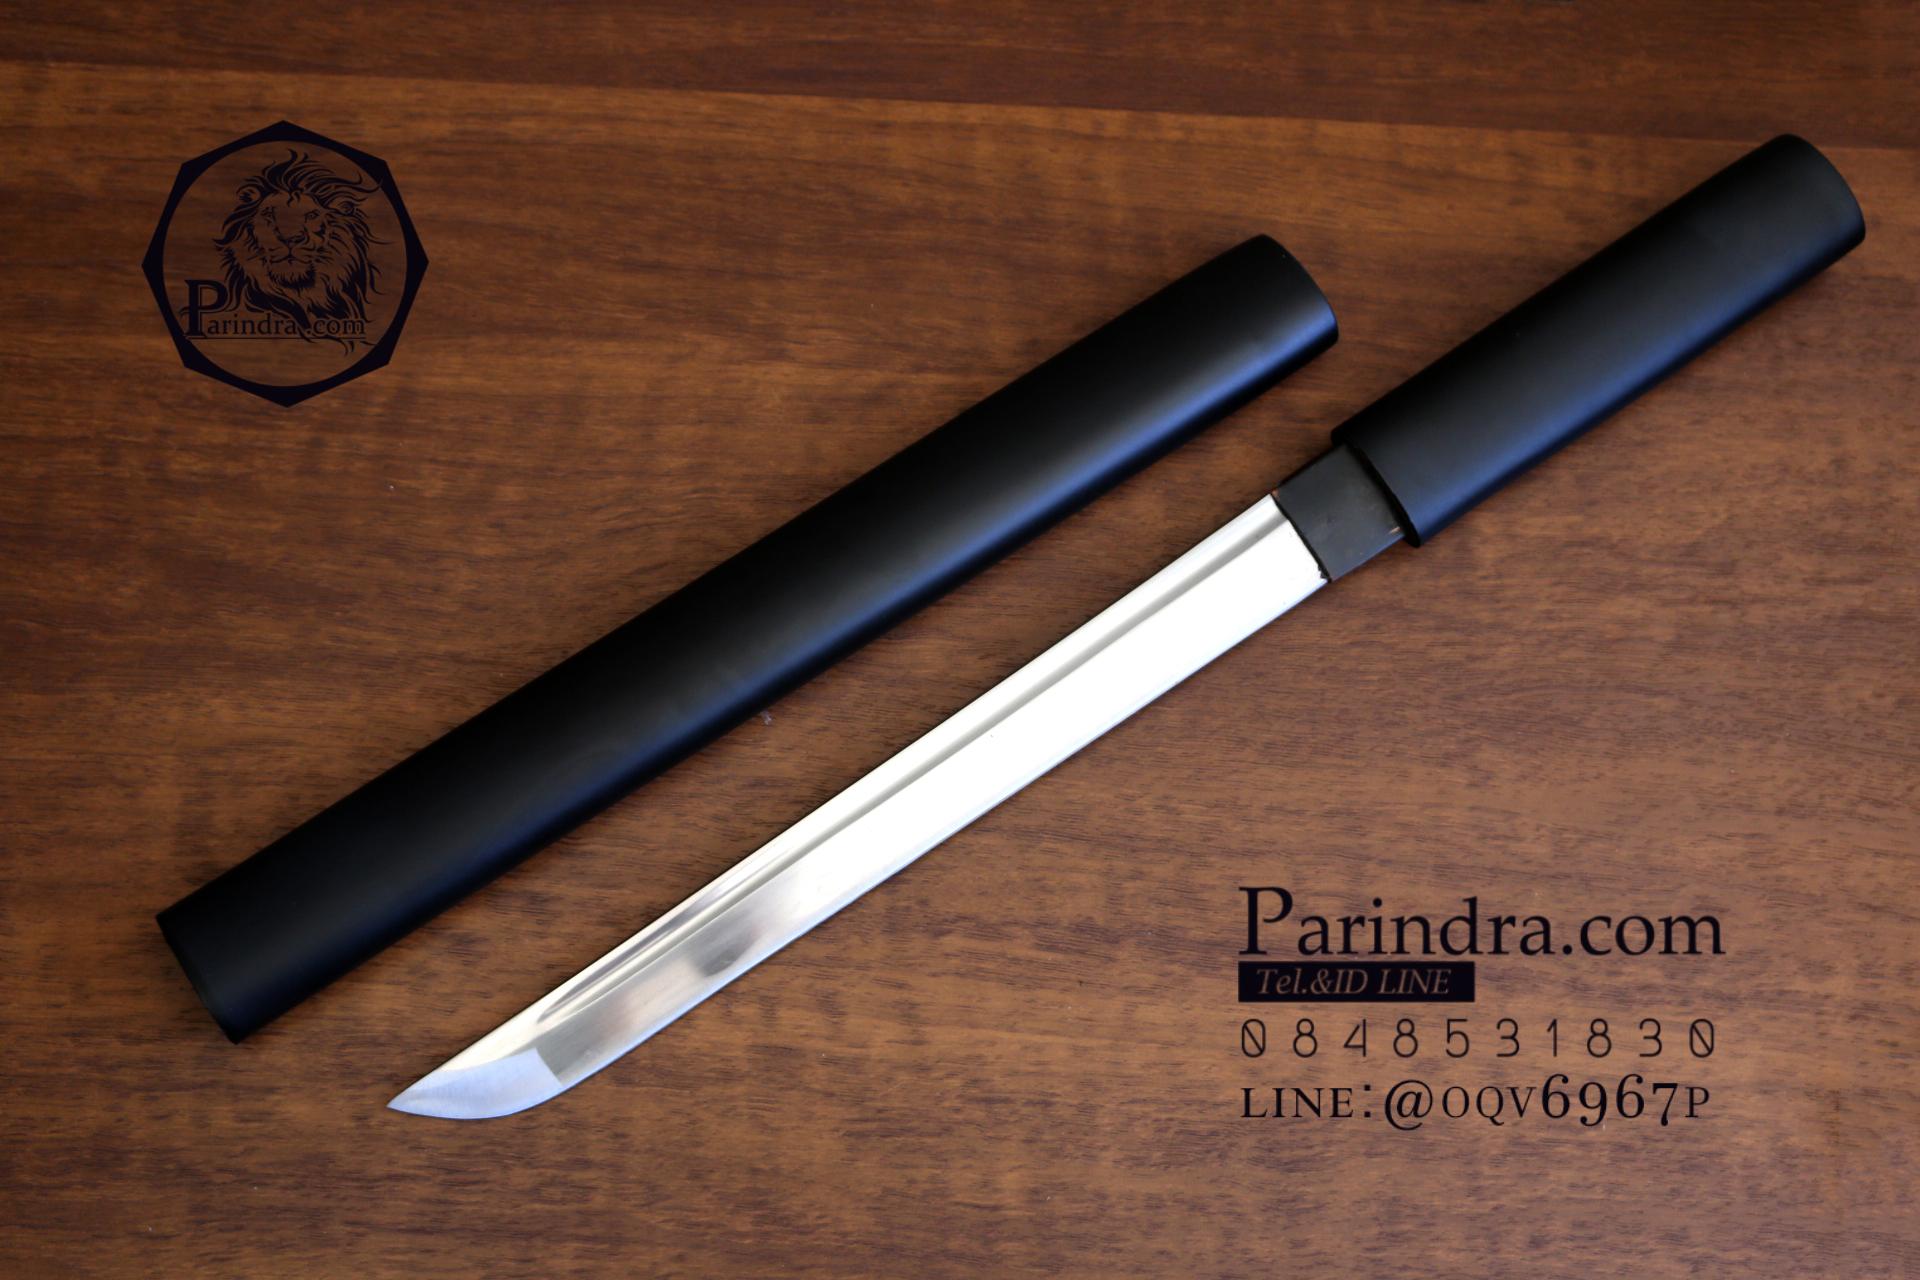 ดาบสั้นญี่ปุ่น ไว้ฝึกฟันดาบ แข็งแรงทนทาน ปลอกสีดำด้าน